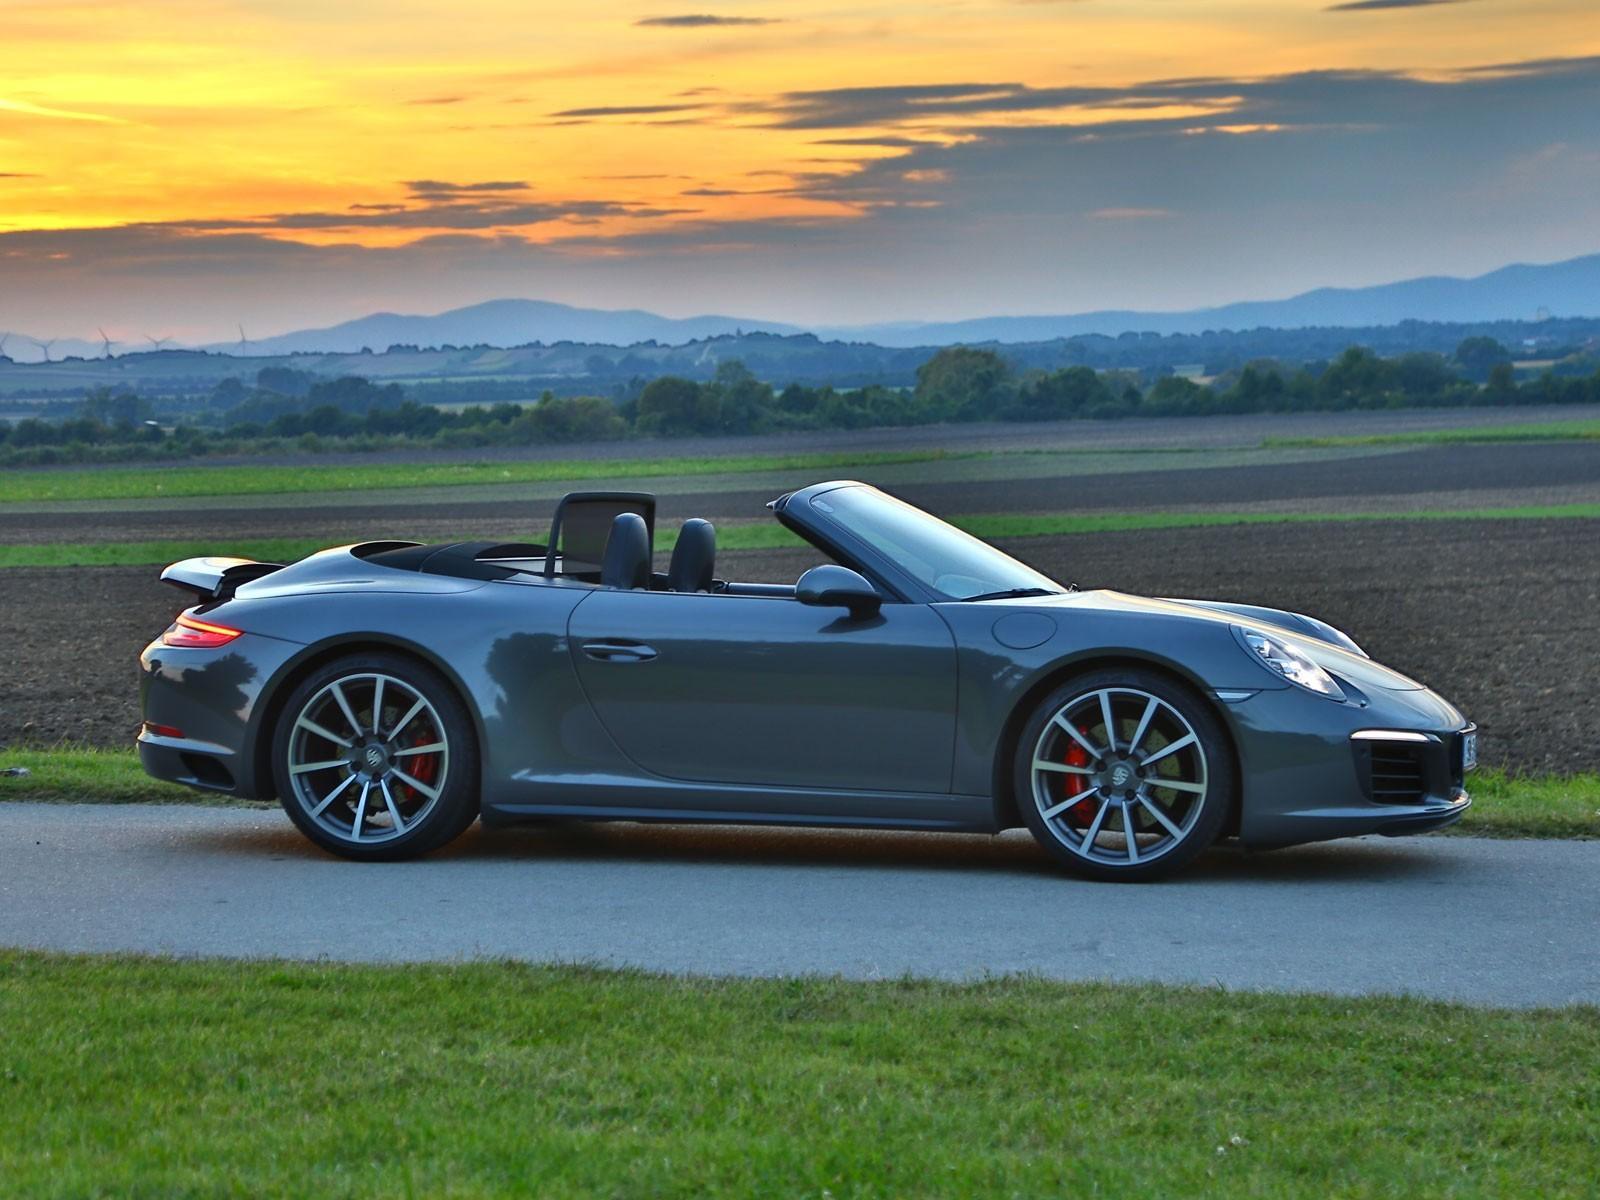 Foto Porsche-911-Carrera-4S-Cabrio-Testbericht-014.jpg vom Artikel ...